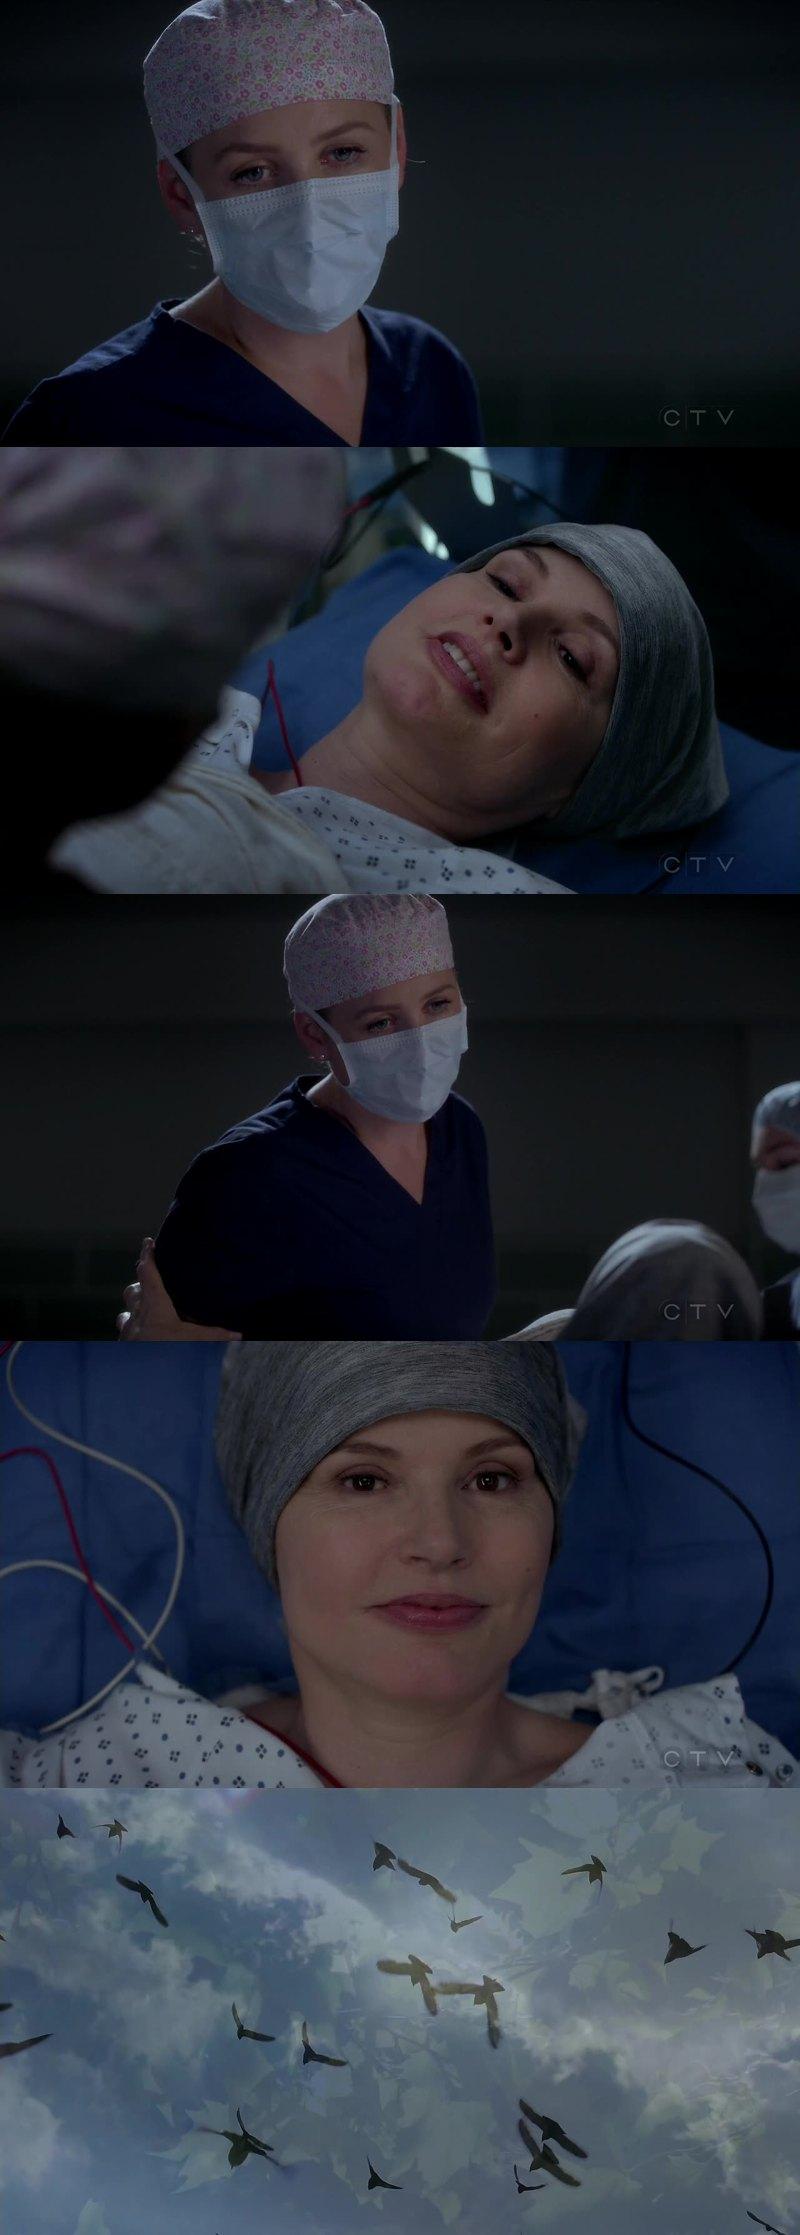 Torcendo muito pela Amelia, ela é maravilhosa! A evolução da personagem e da amizade da Herman e Arizona é incrível! Me deixa tão encantada...